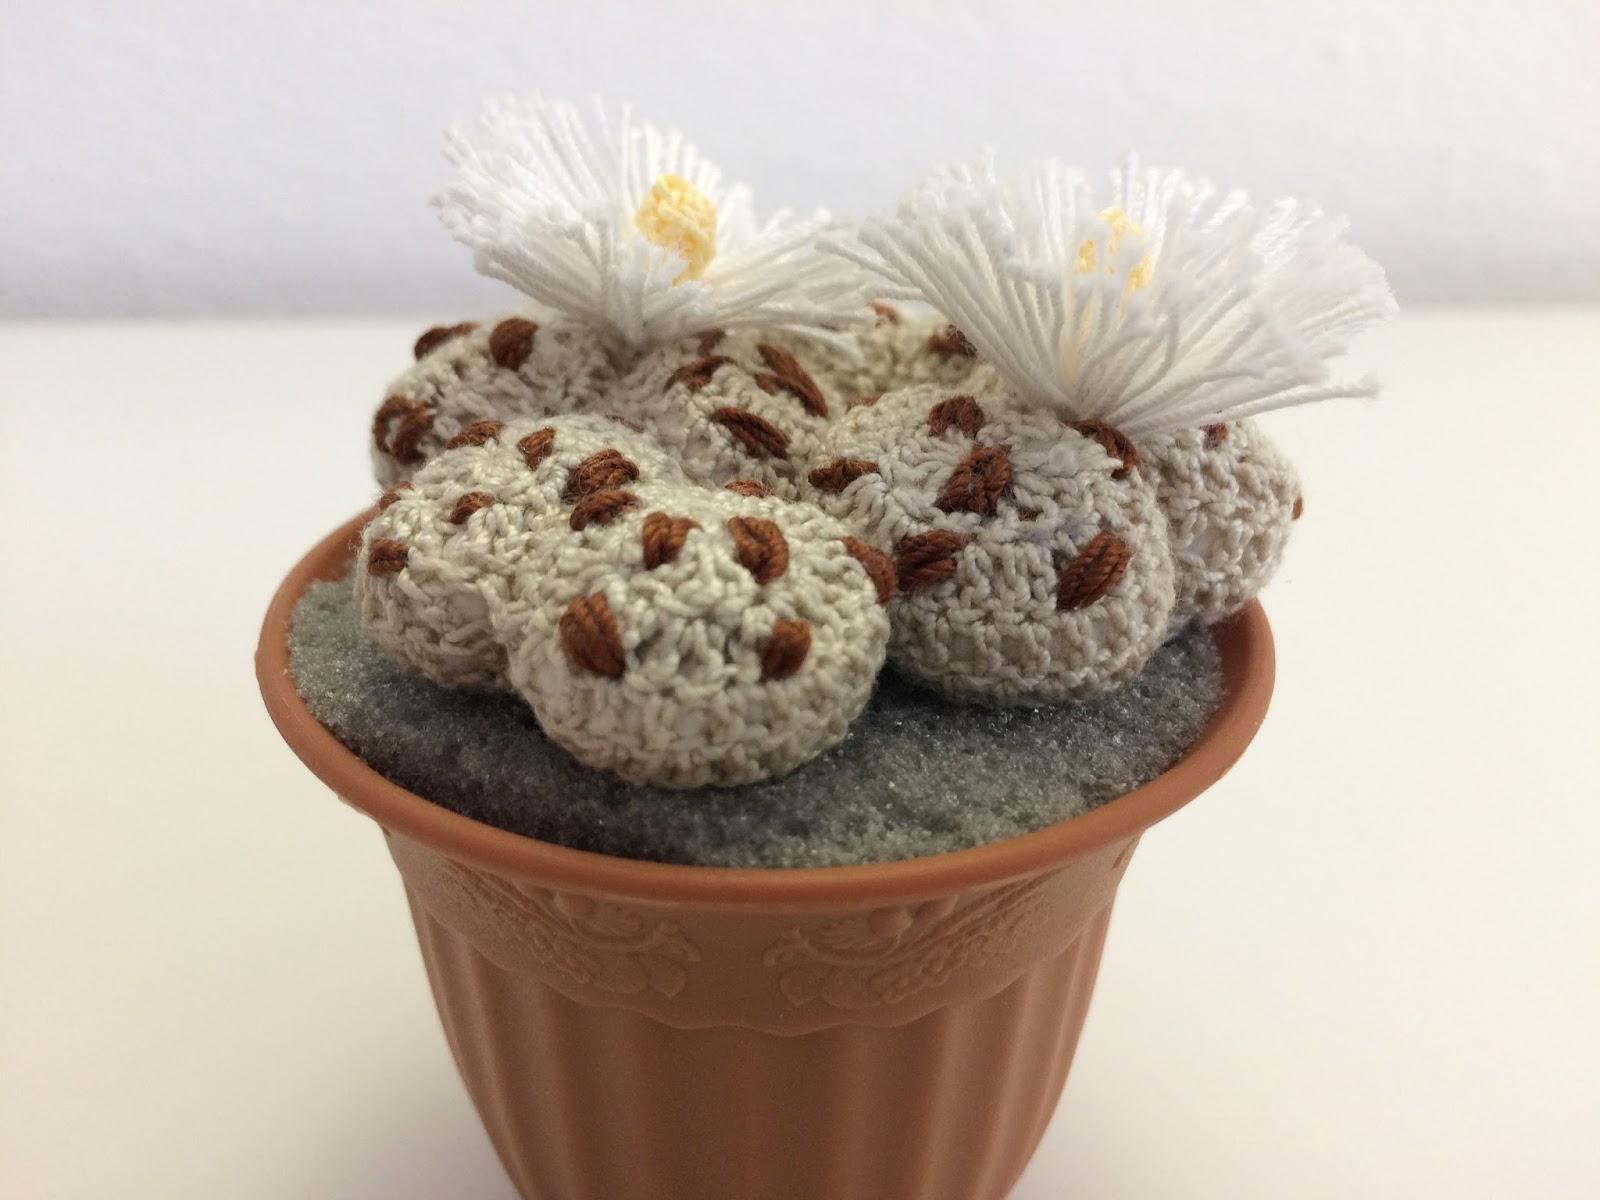 Il blog di sam spiegazione della pianta grassa lithops for Il blog di sam piante grasse